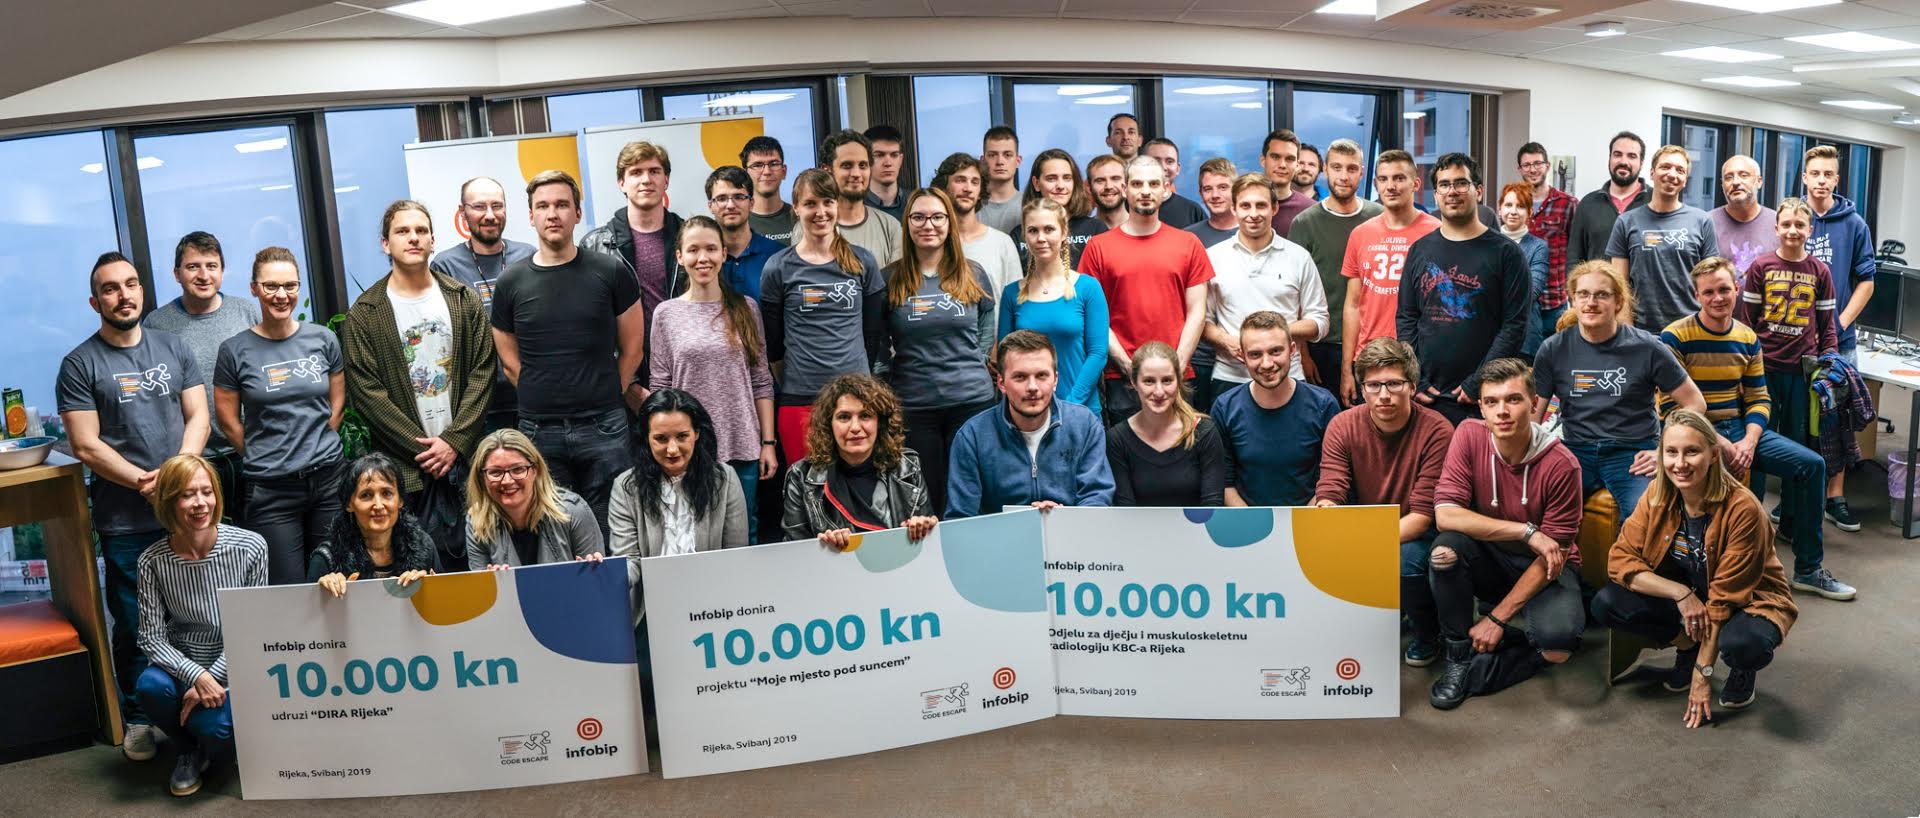 Infobip okupio u Rijeci preko 50 developera i donirao 30.000kn zajednici